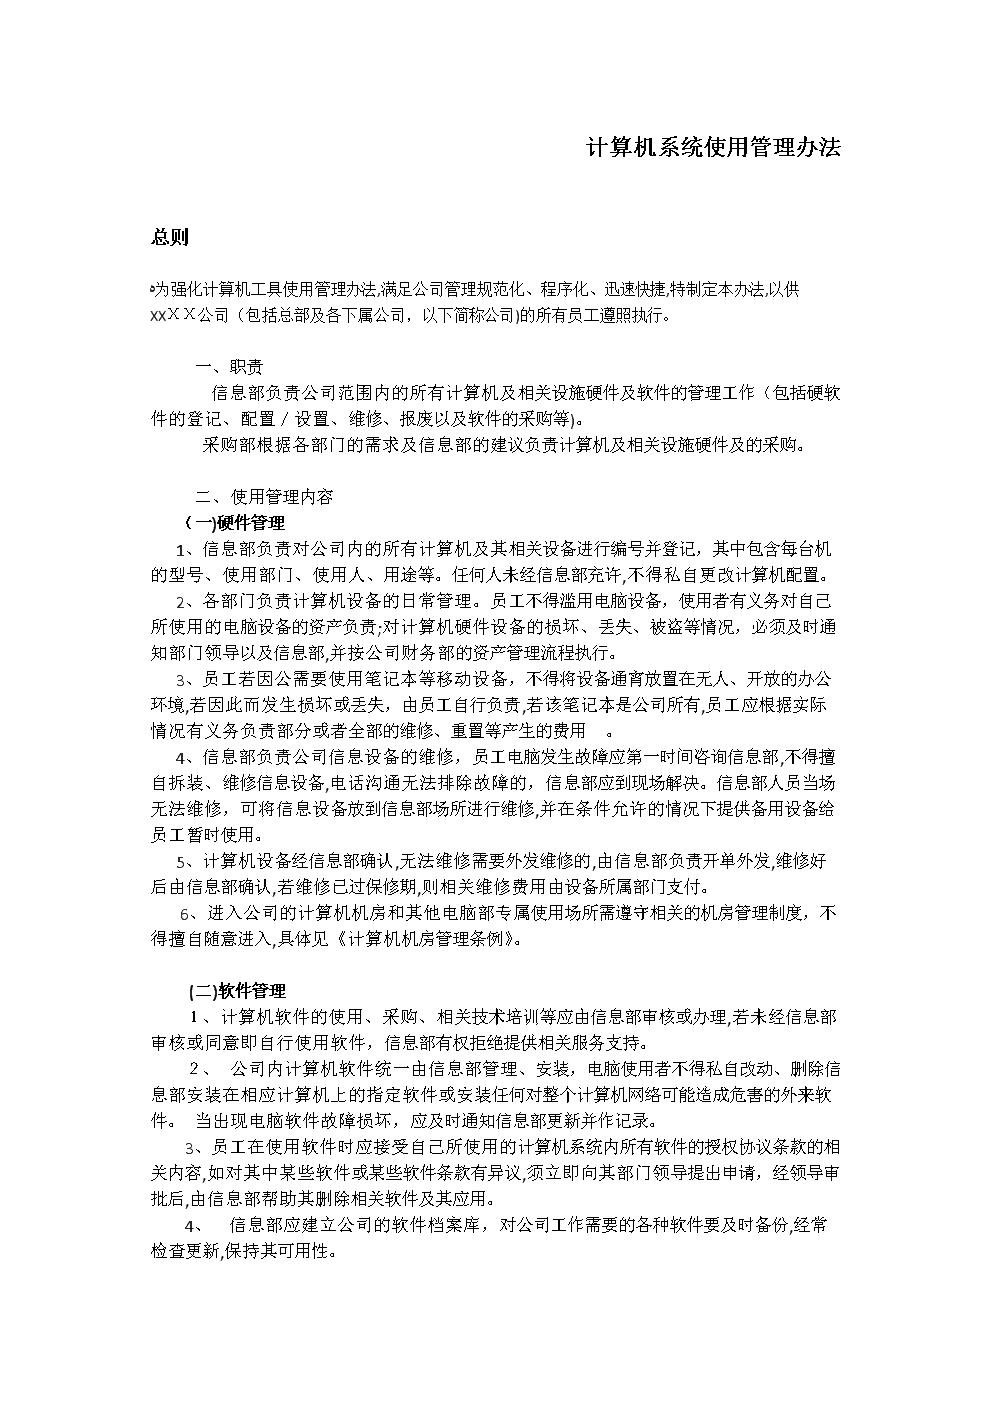 xx集团计算机系统使用管理办法.docx